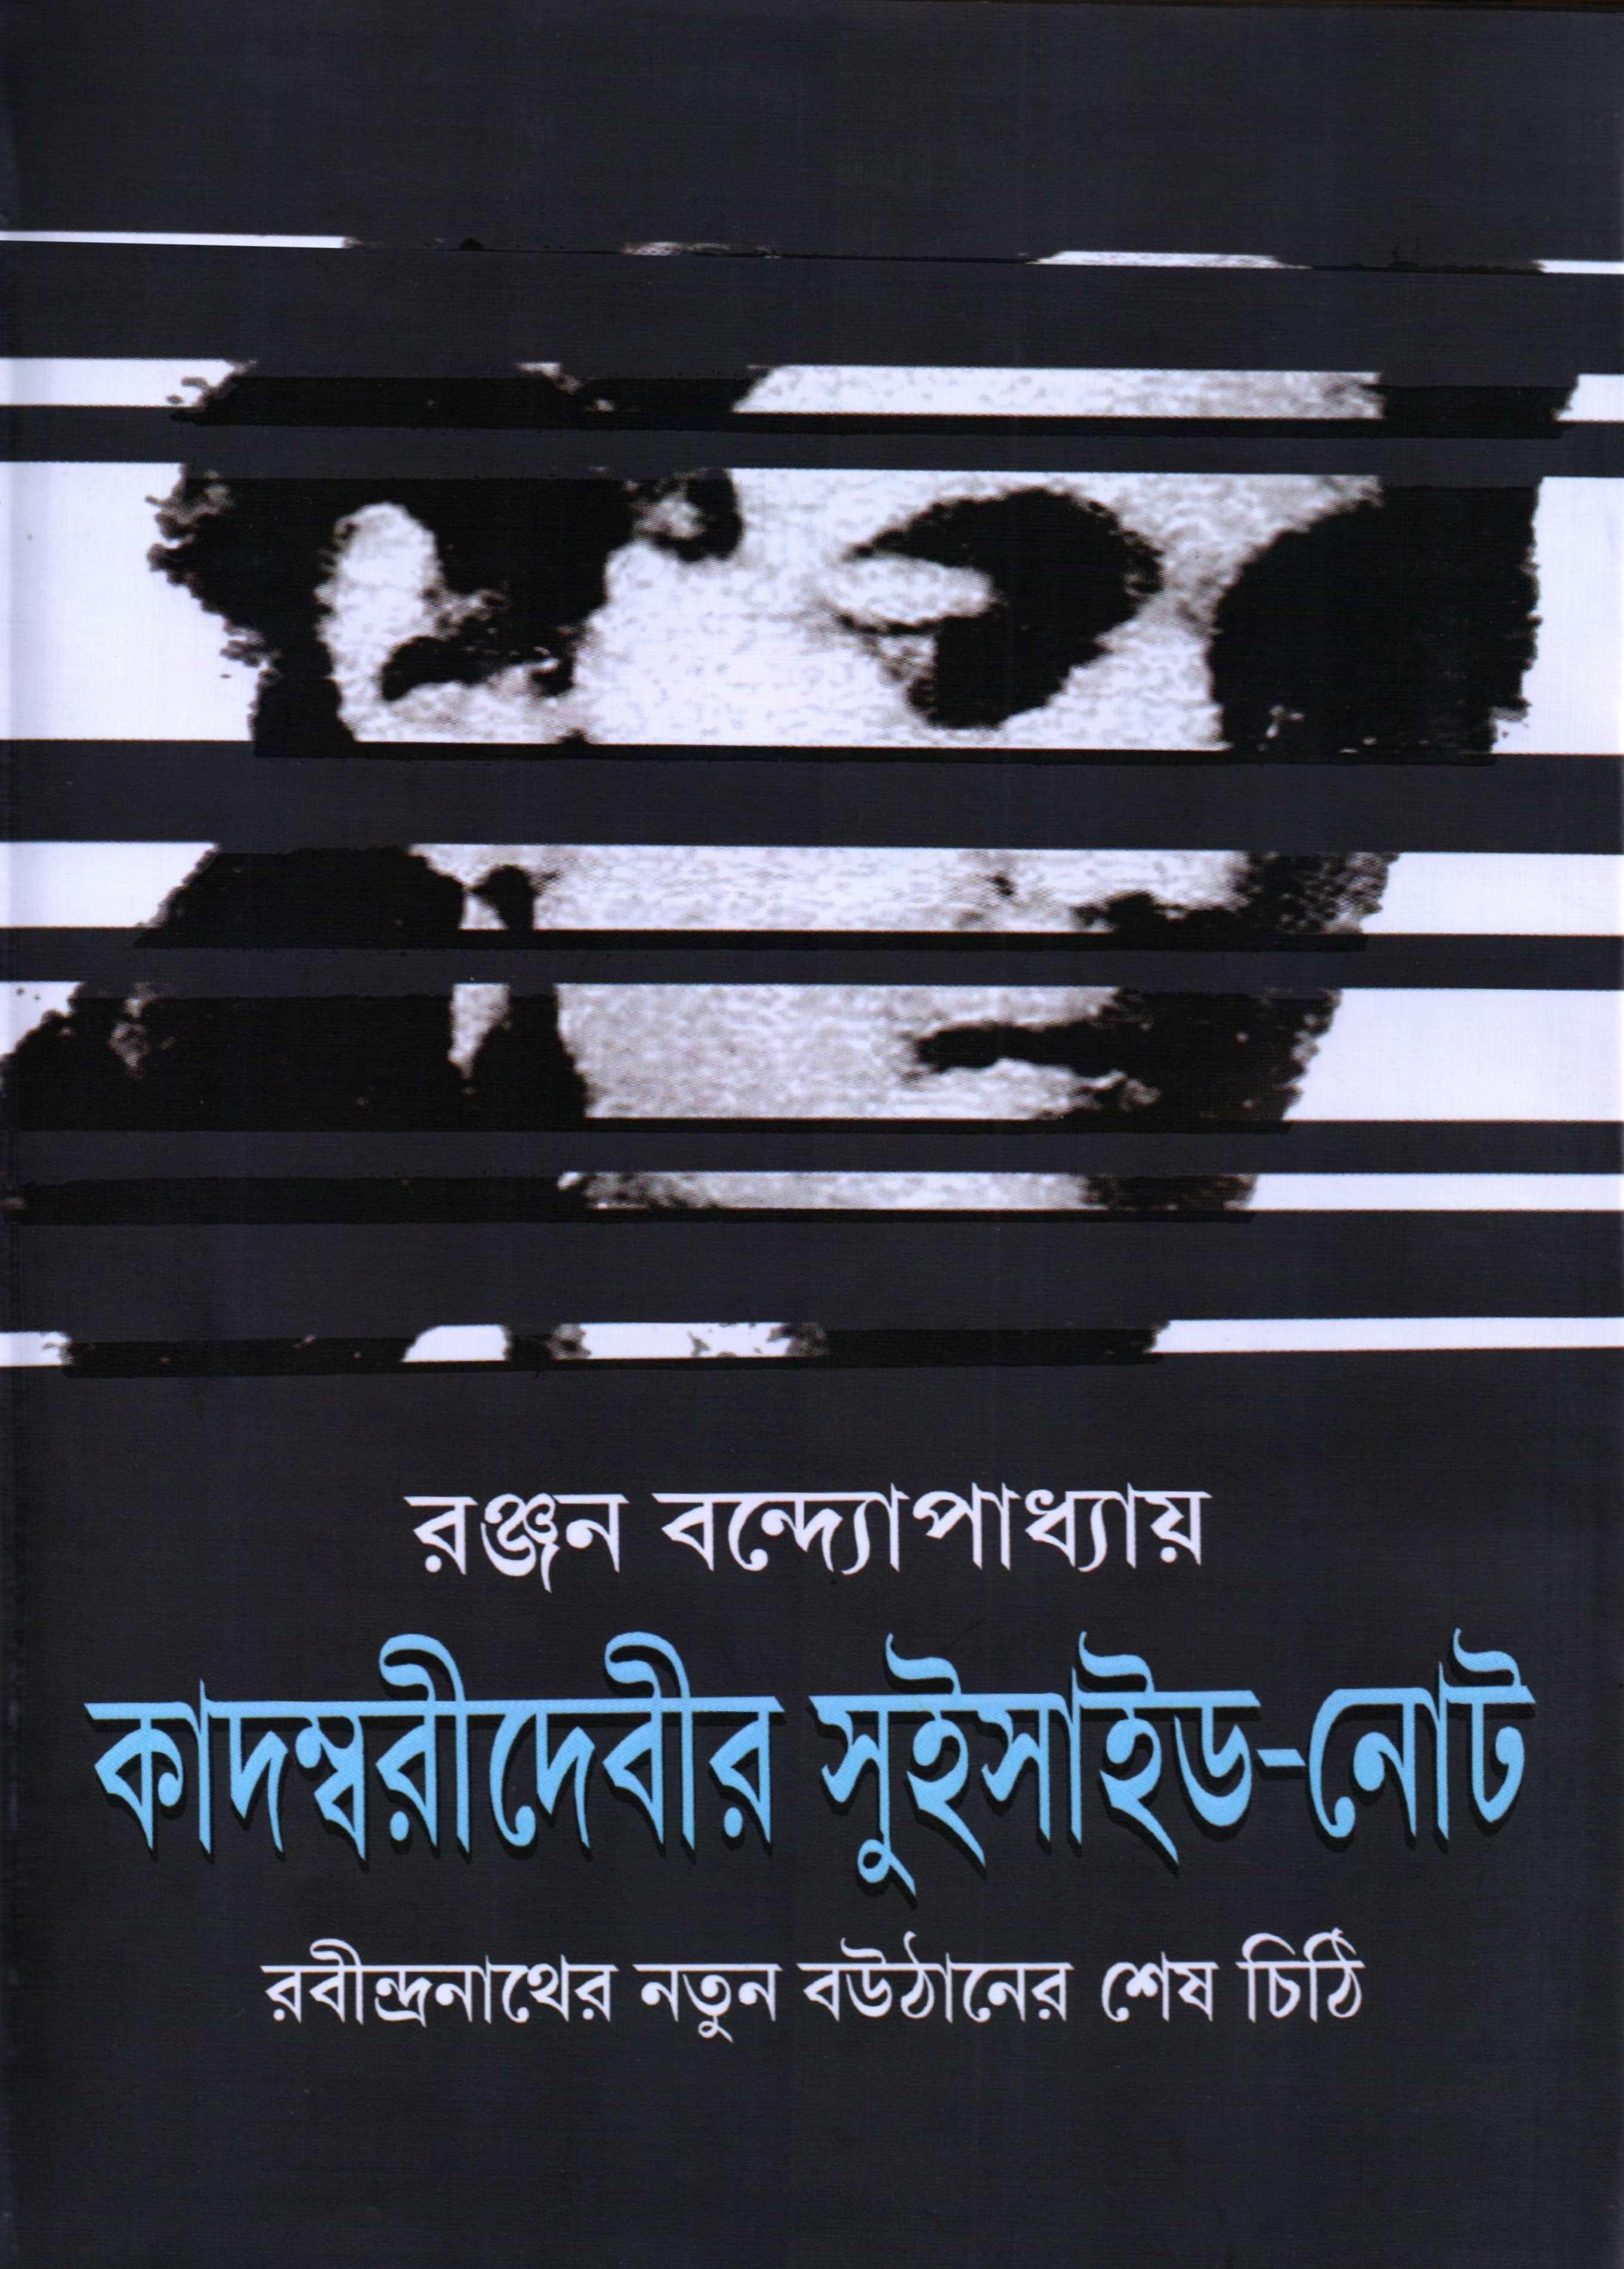 Bengali movie kadambari online dating 7